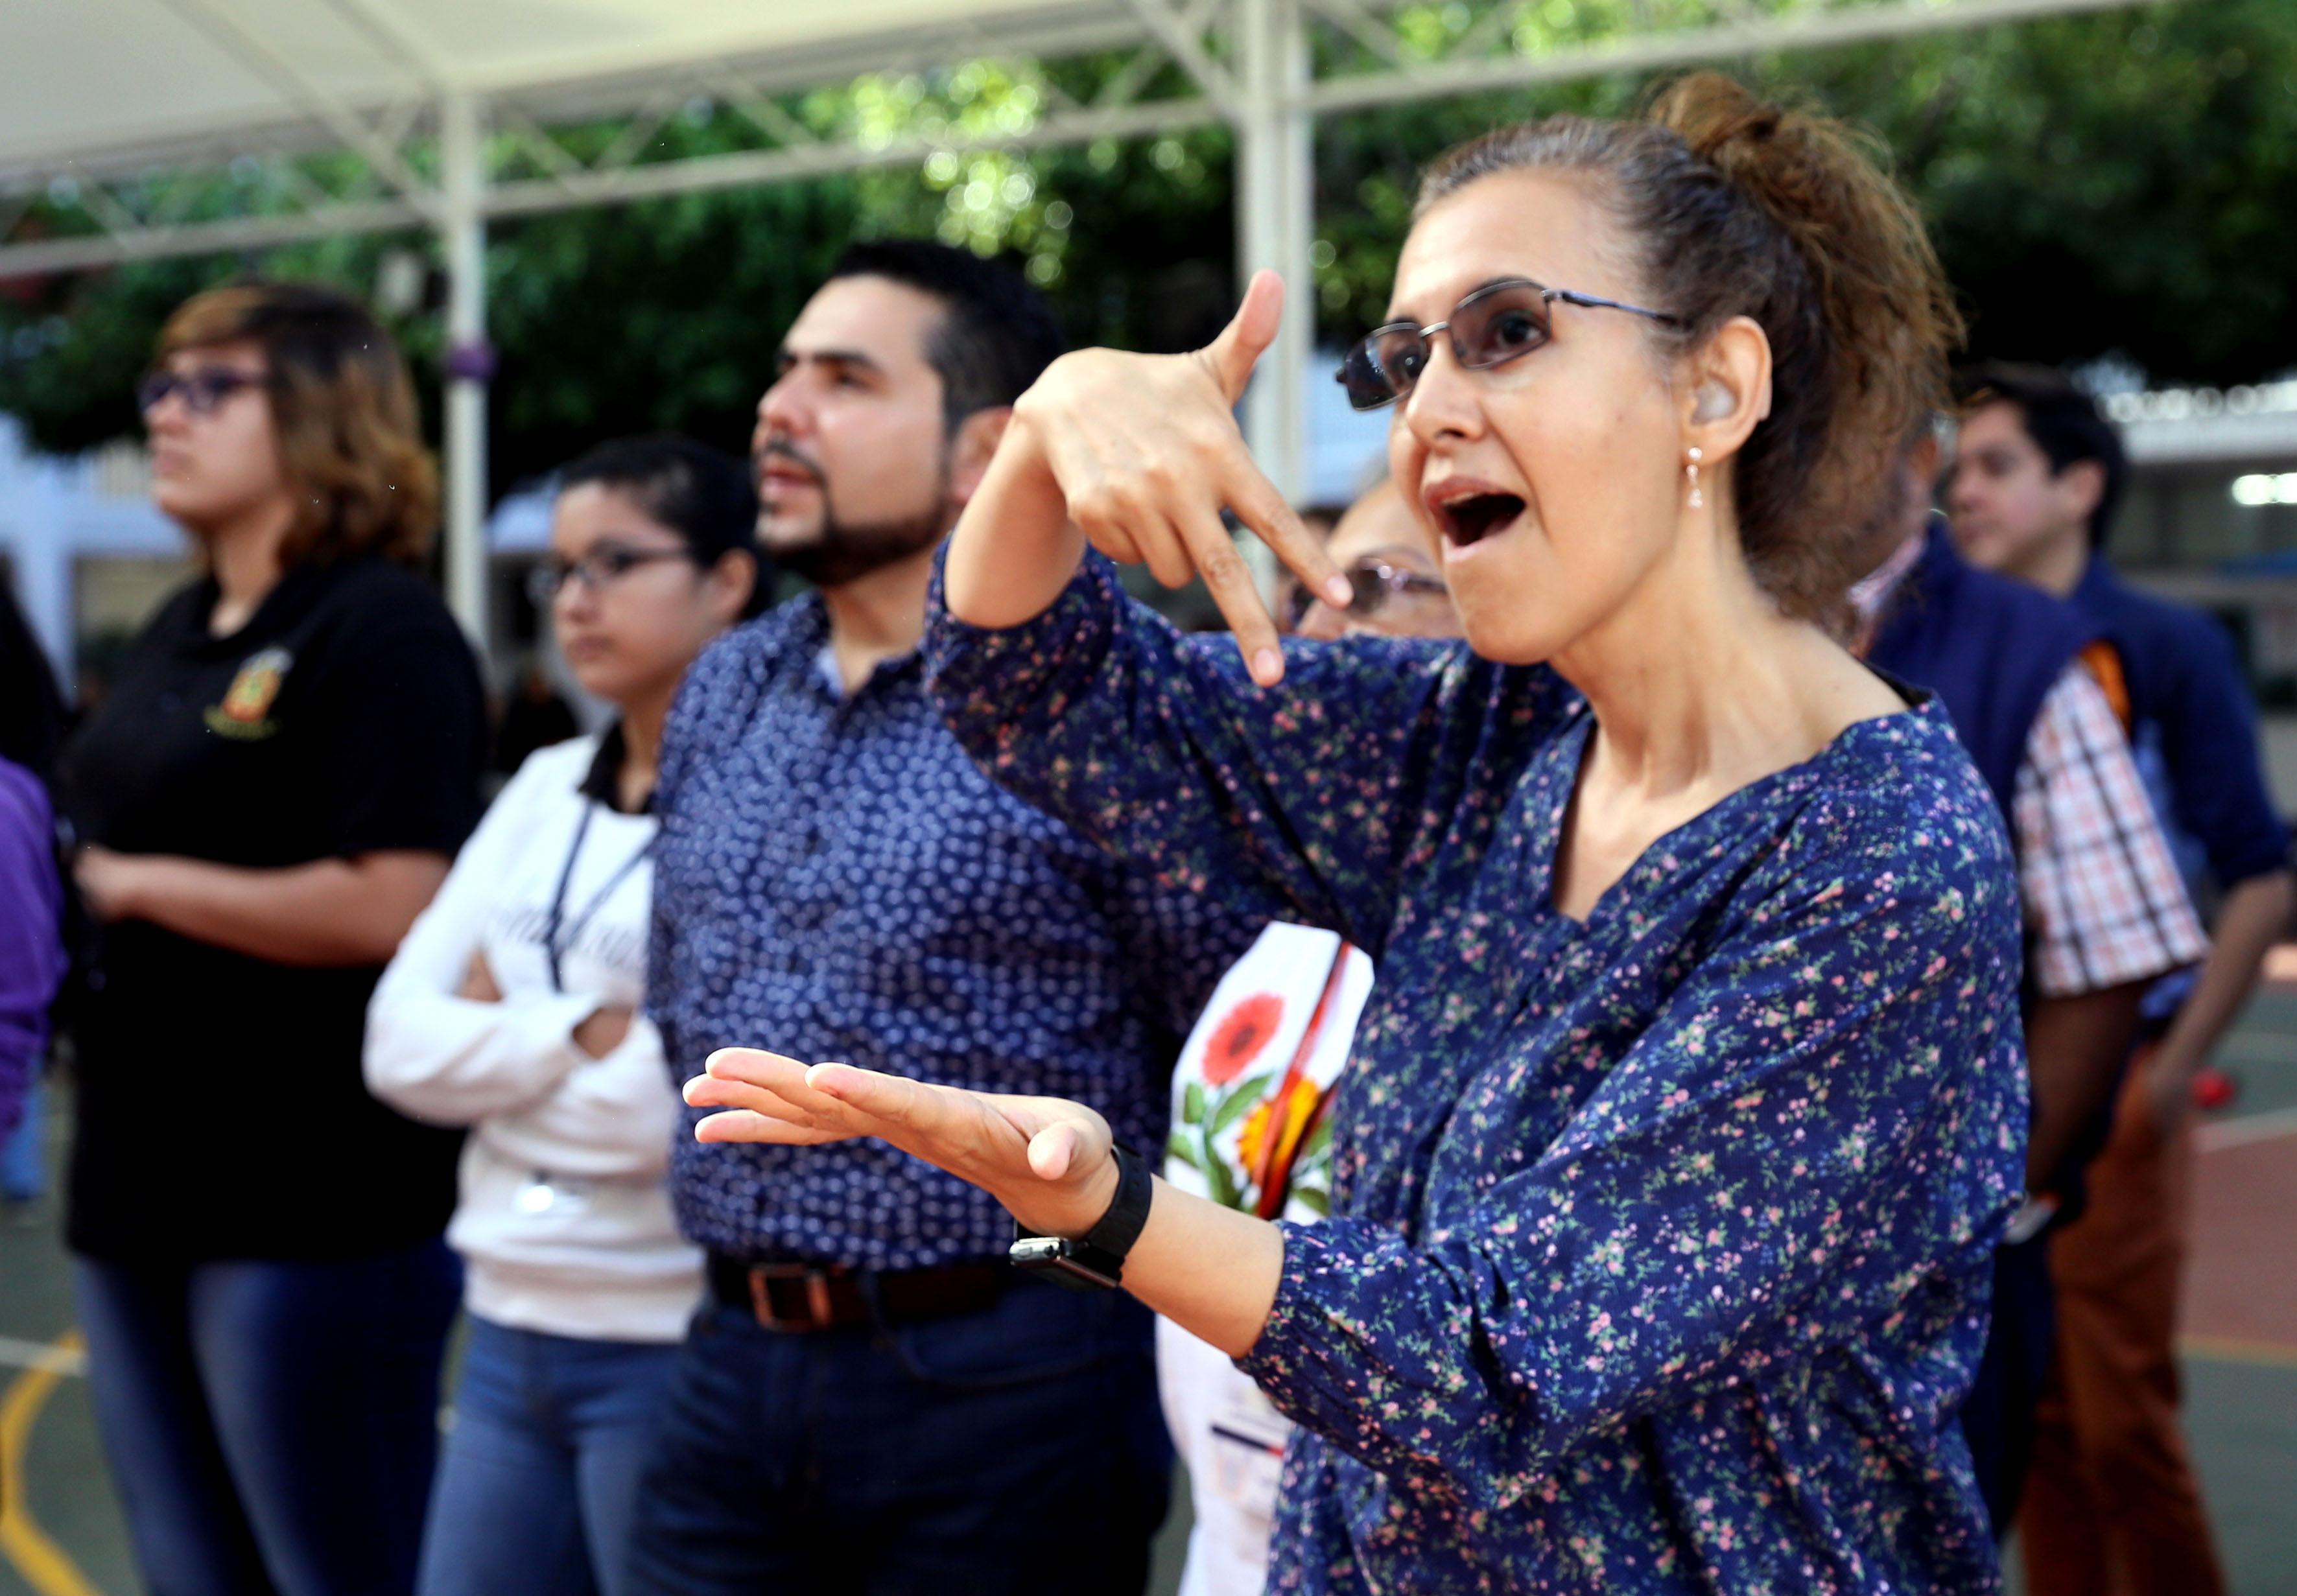 Intérprete de la Lengua de Señas Mexicana, participando en el evento